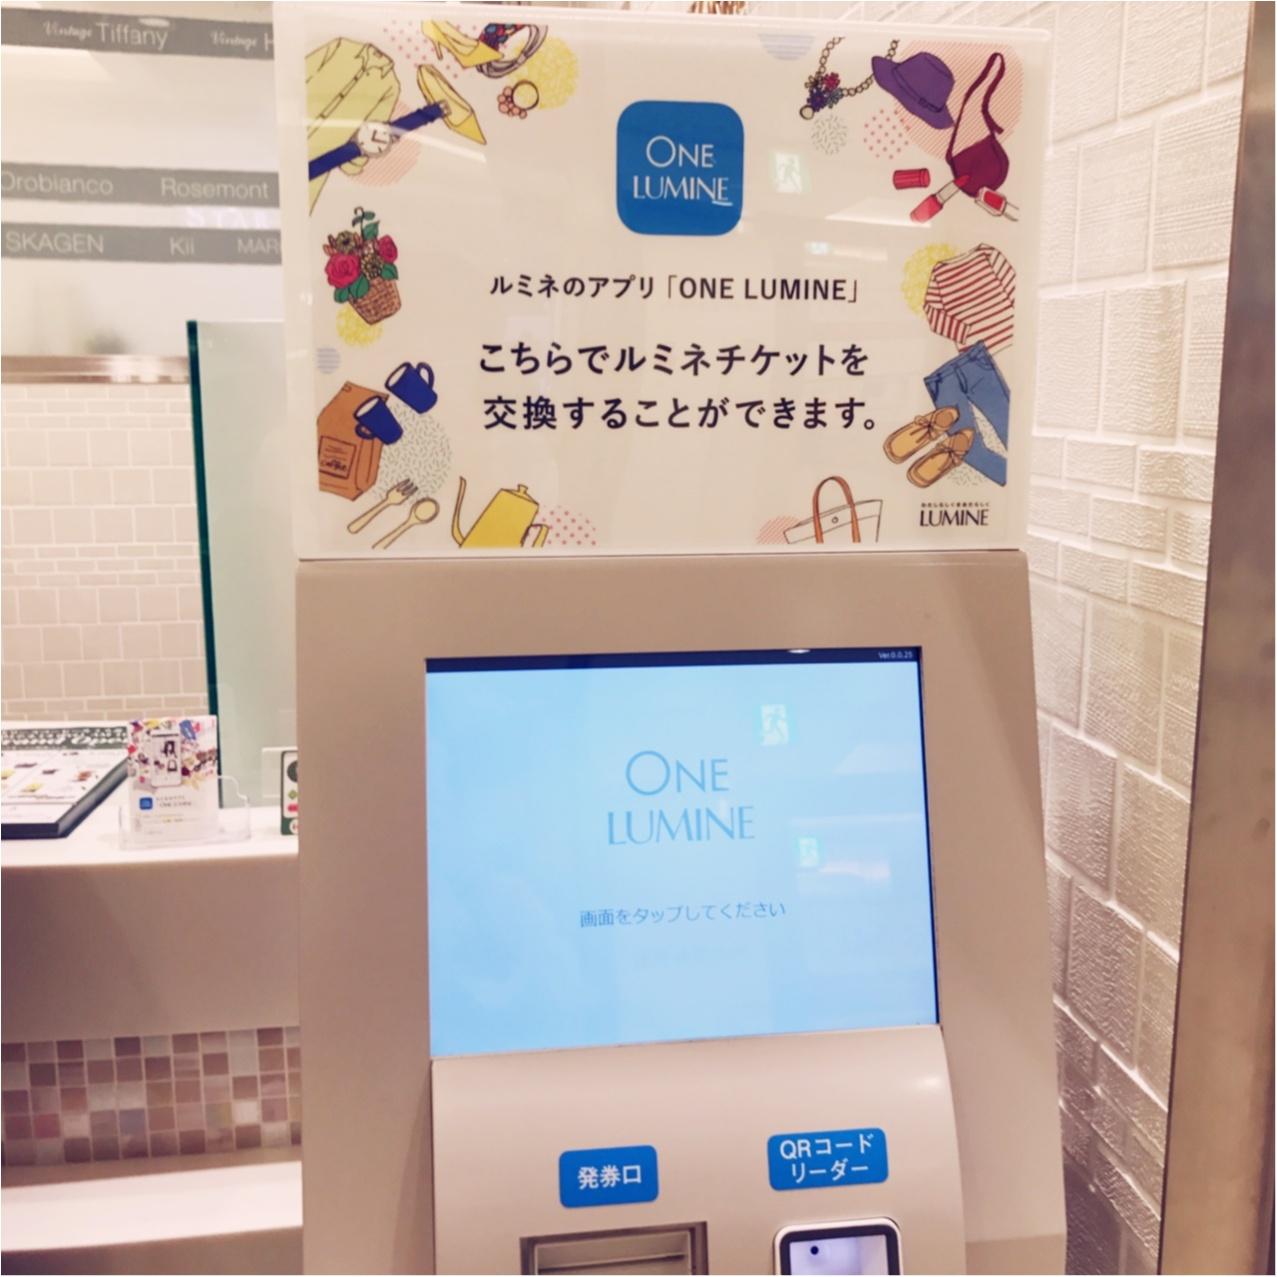 買い物するほどトクしちゃう♡ルミネのアプリ《ONE LUMINE》使ってる?_2